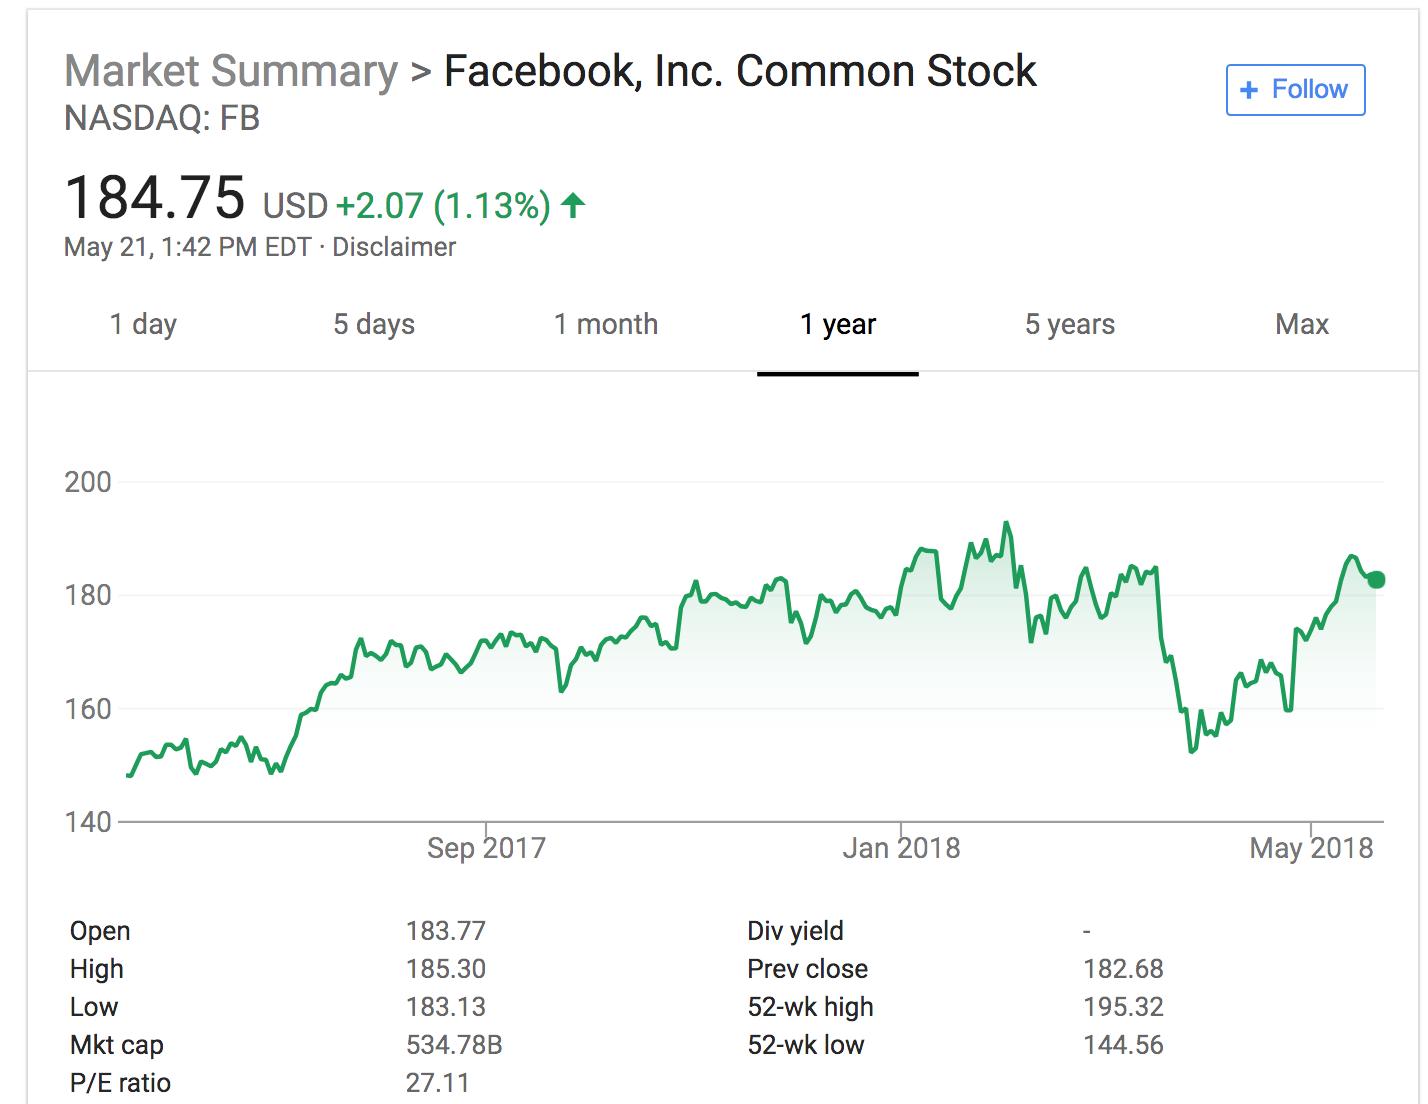 其他倍受对冲基金欢迎的股票有:微软、美国安泰保险(Aetna)、孟山都以及信利集团(XL Group);而对冲基金减持的股票有亚马逊、苹果、麦当劳、花旗集团以及斯伦贝谢。